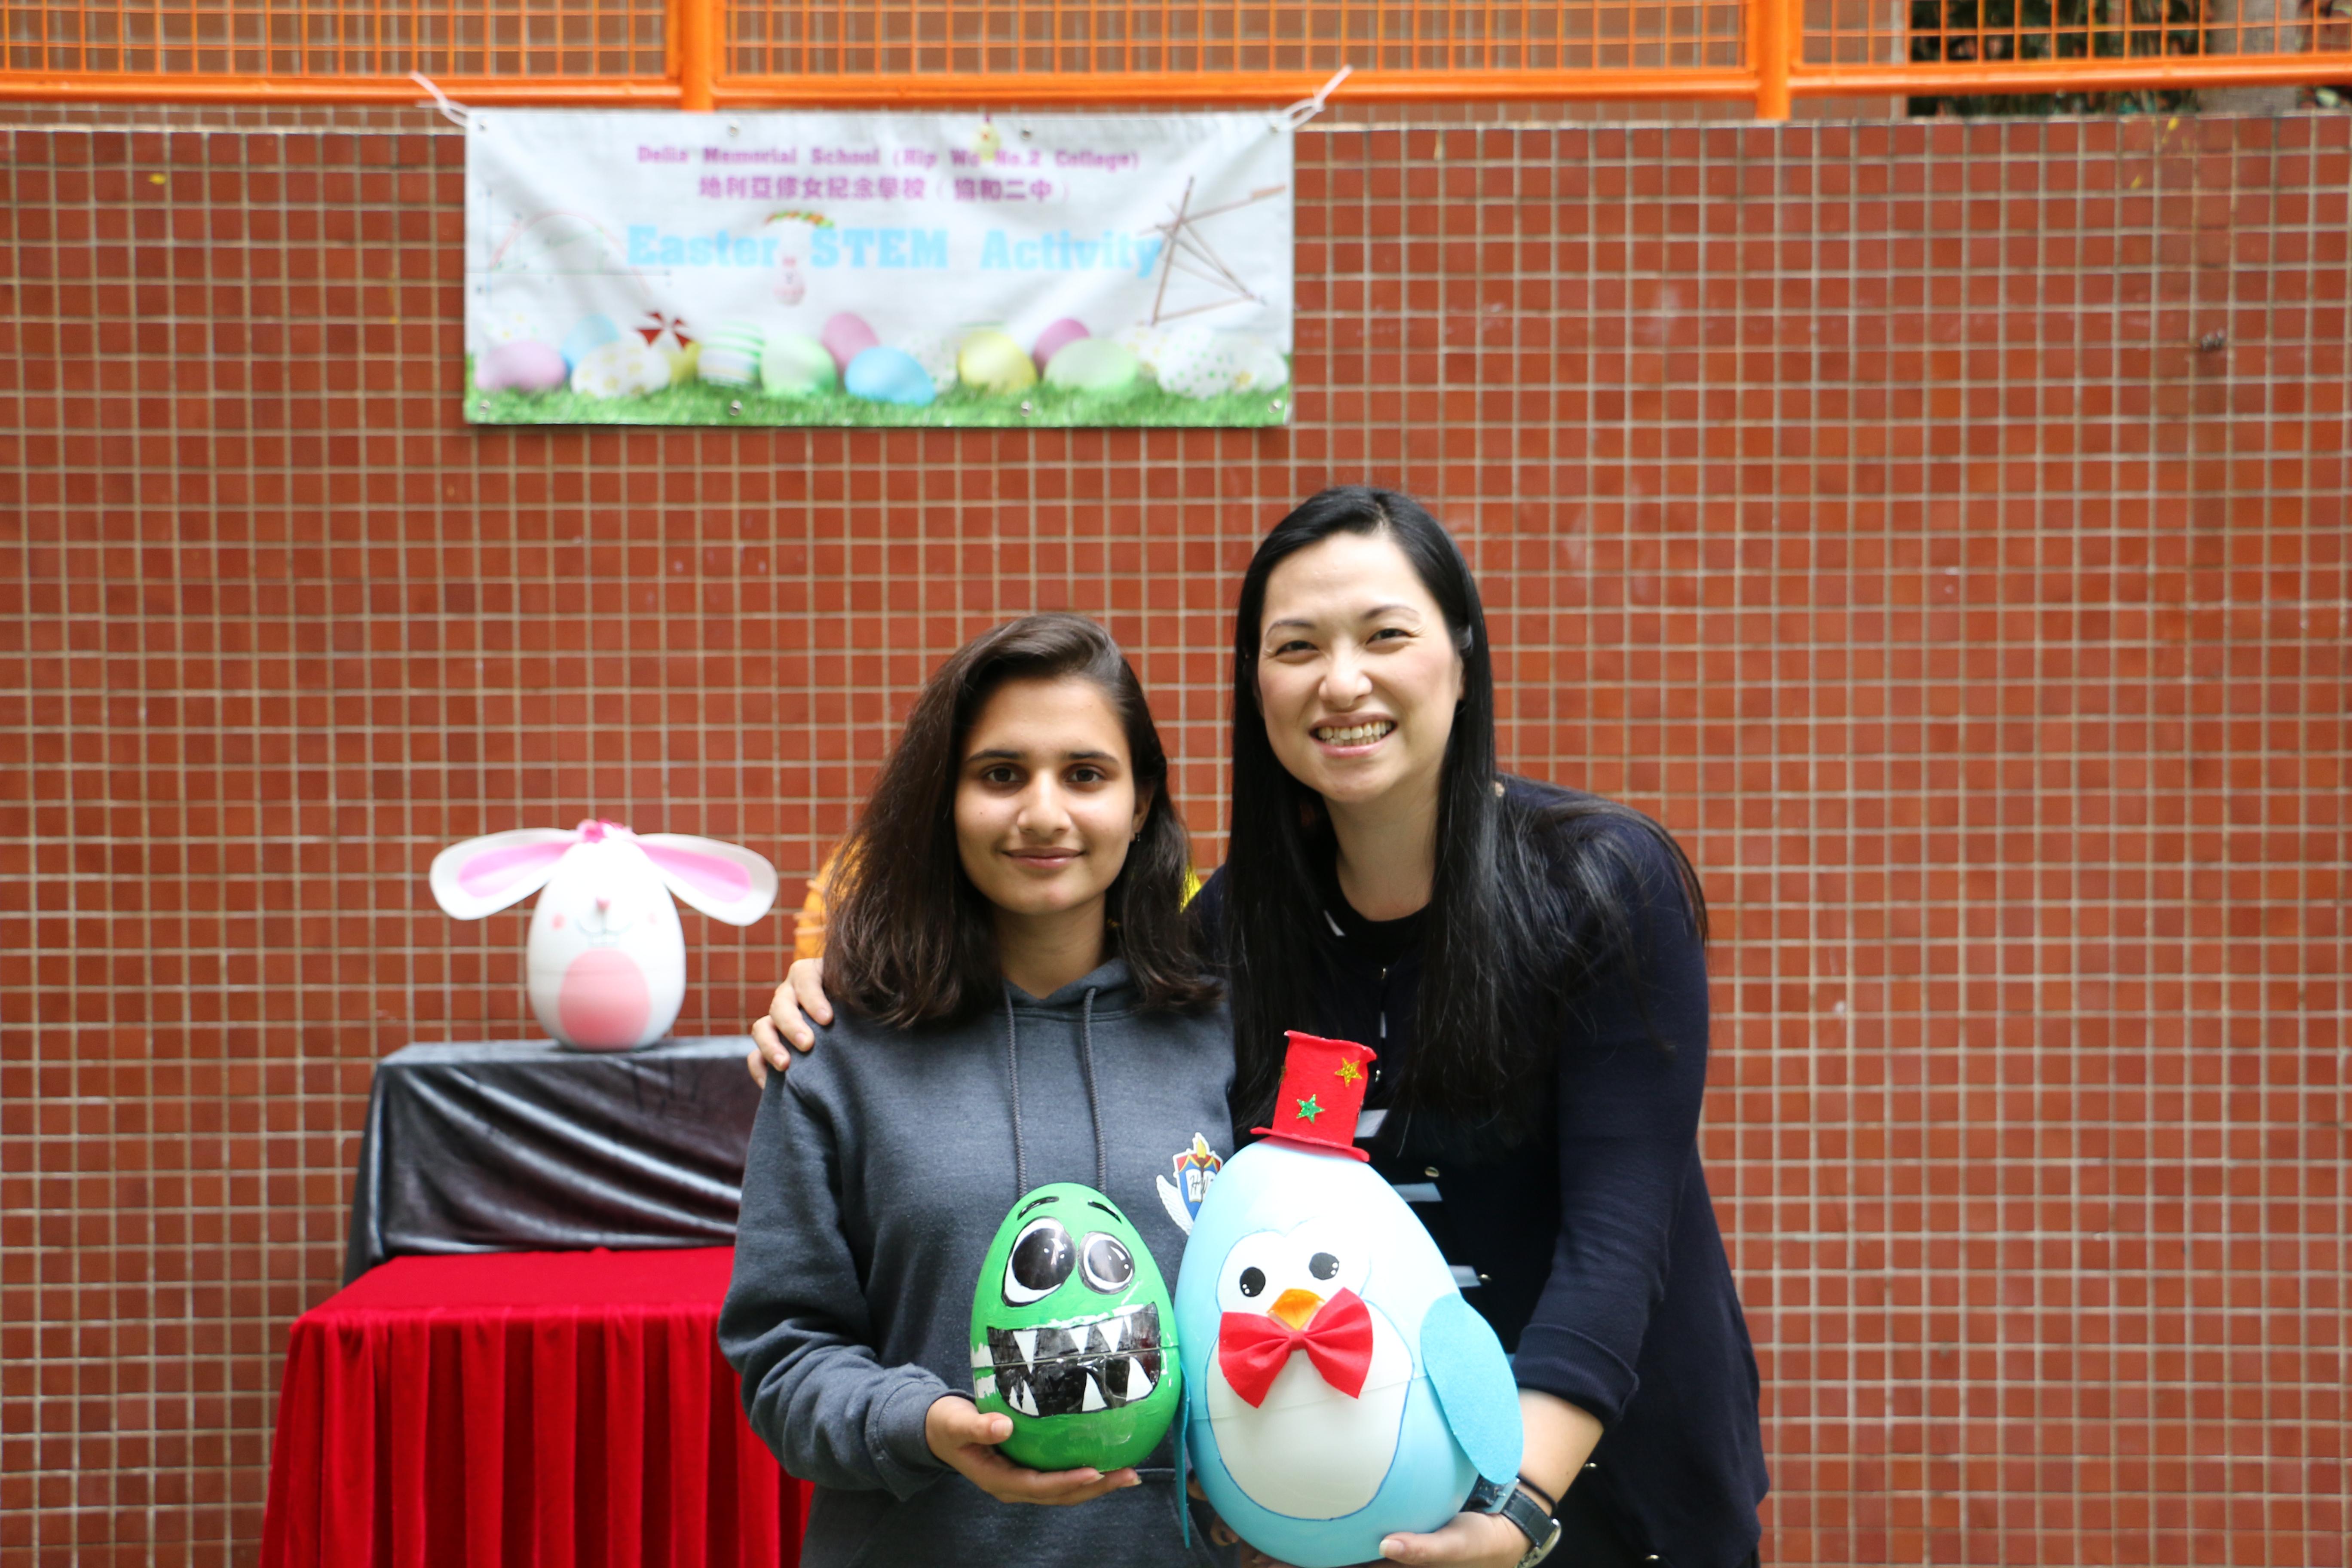 Easter Egg & STEM Activity